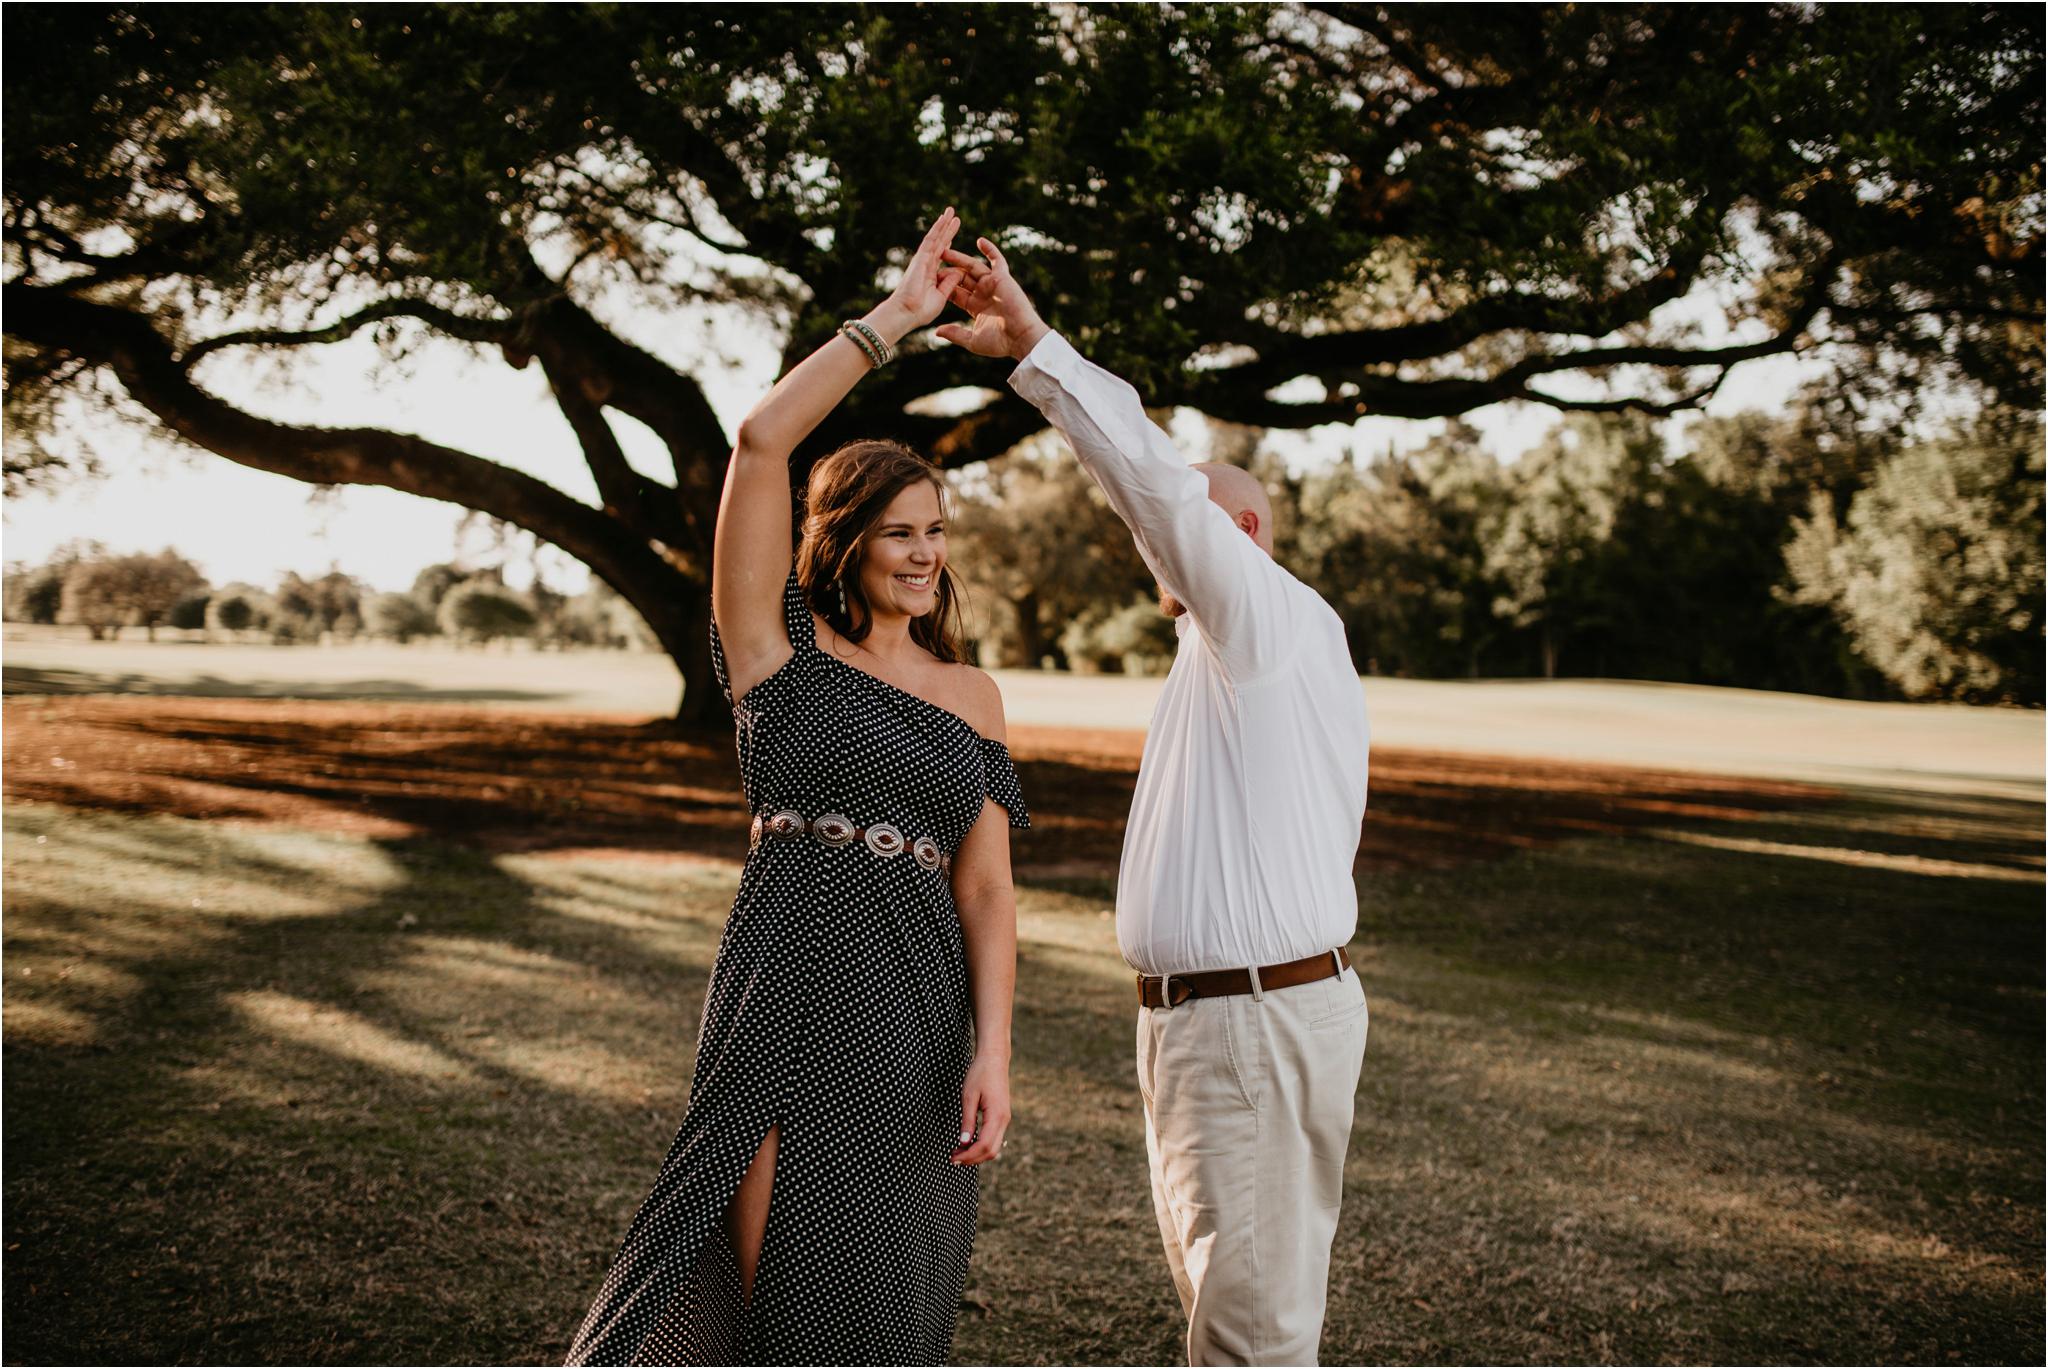 katie-and-eric-houston-oaks-engagement-session-houston-wedding-photographer-015.jpg